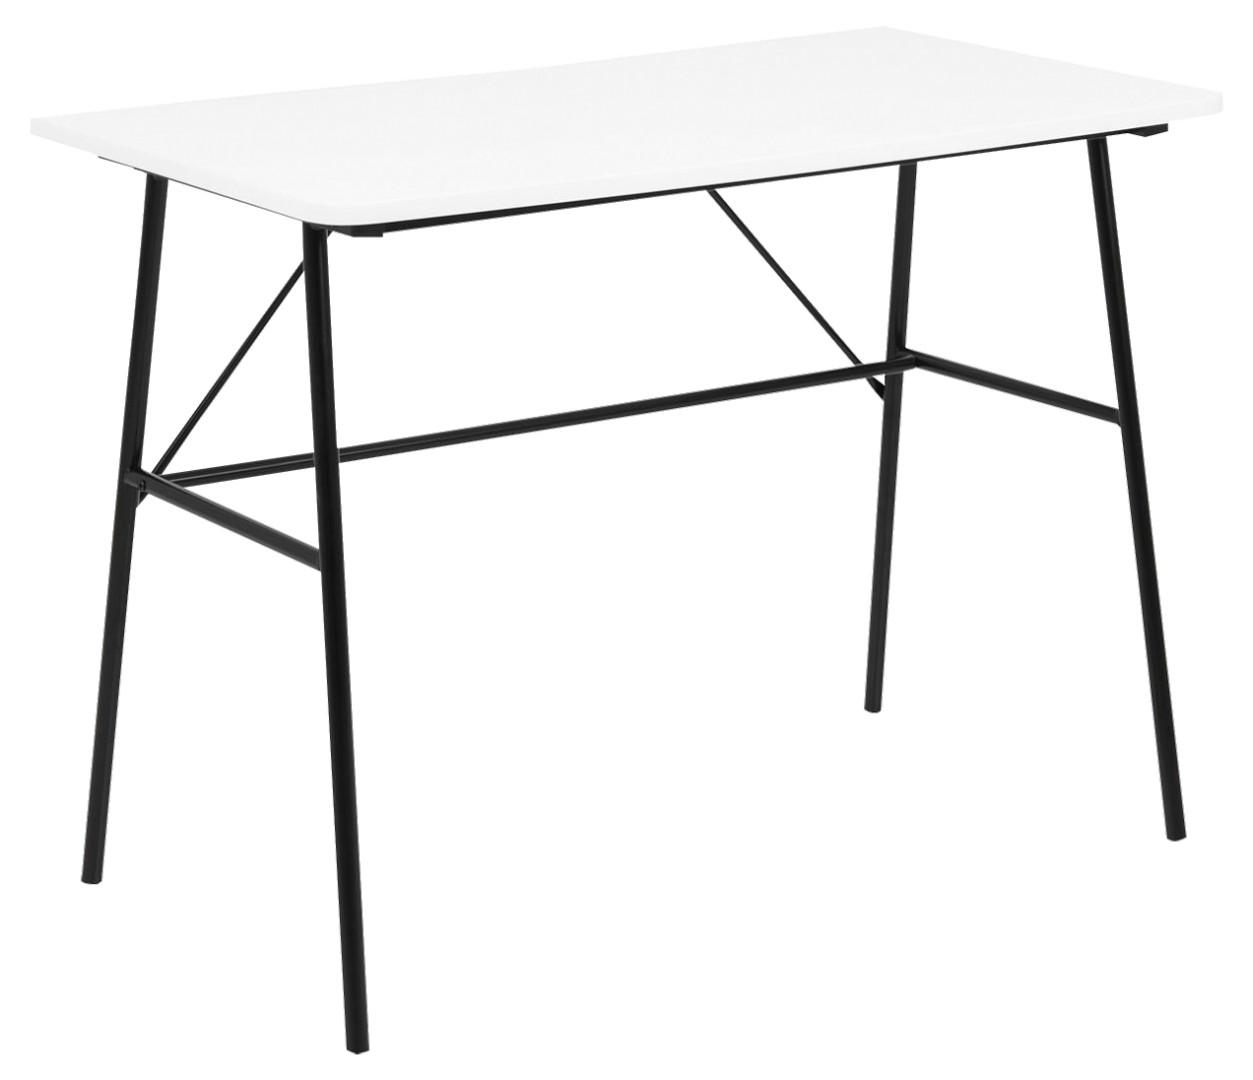 CAL-työpöytä